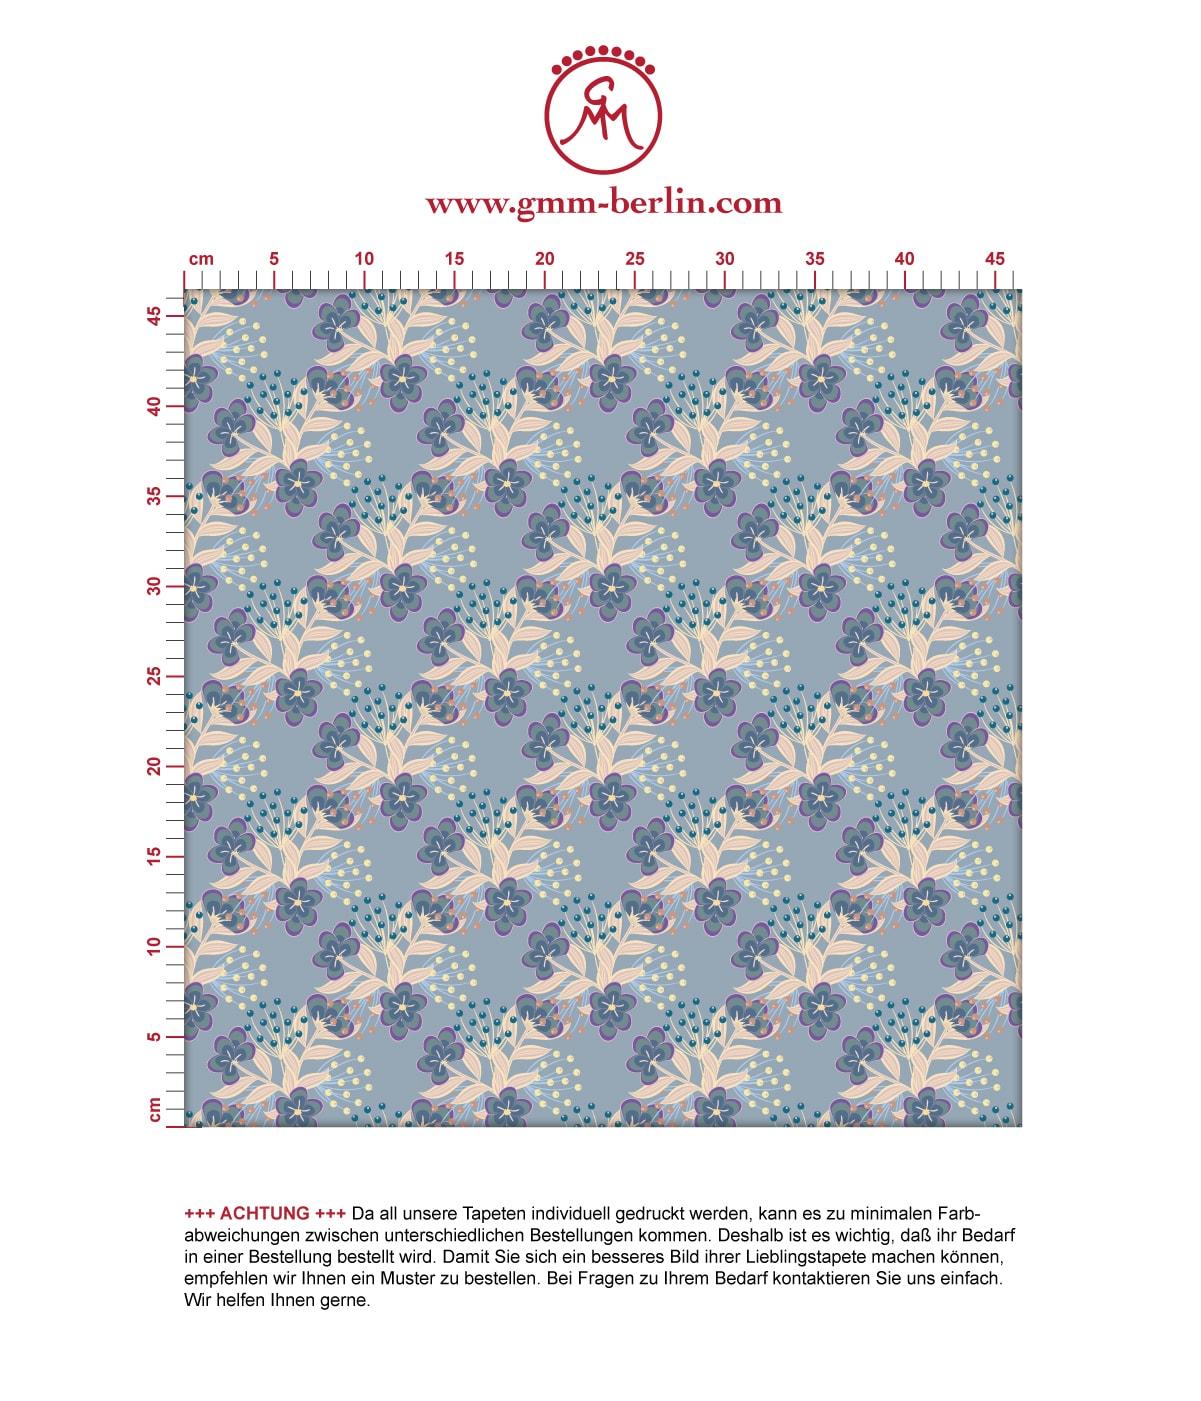 Blaue Blumentapete Classic Bouquet Blümchen Tapete - Nostalgietapete für Flur, Büro. Aus dem GMM-BERLIN.com Sortiment: Schöne Tapeten in der Farbe: mittelblau